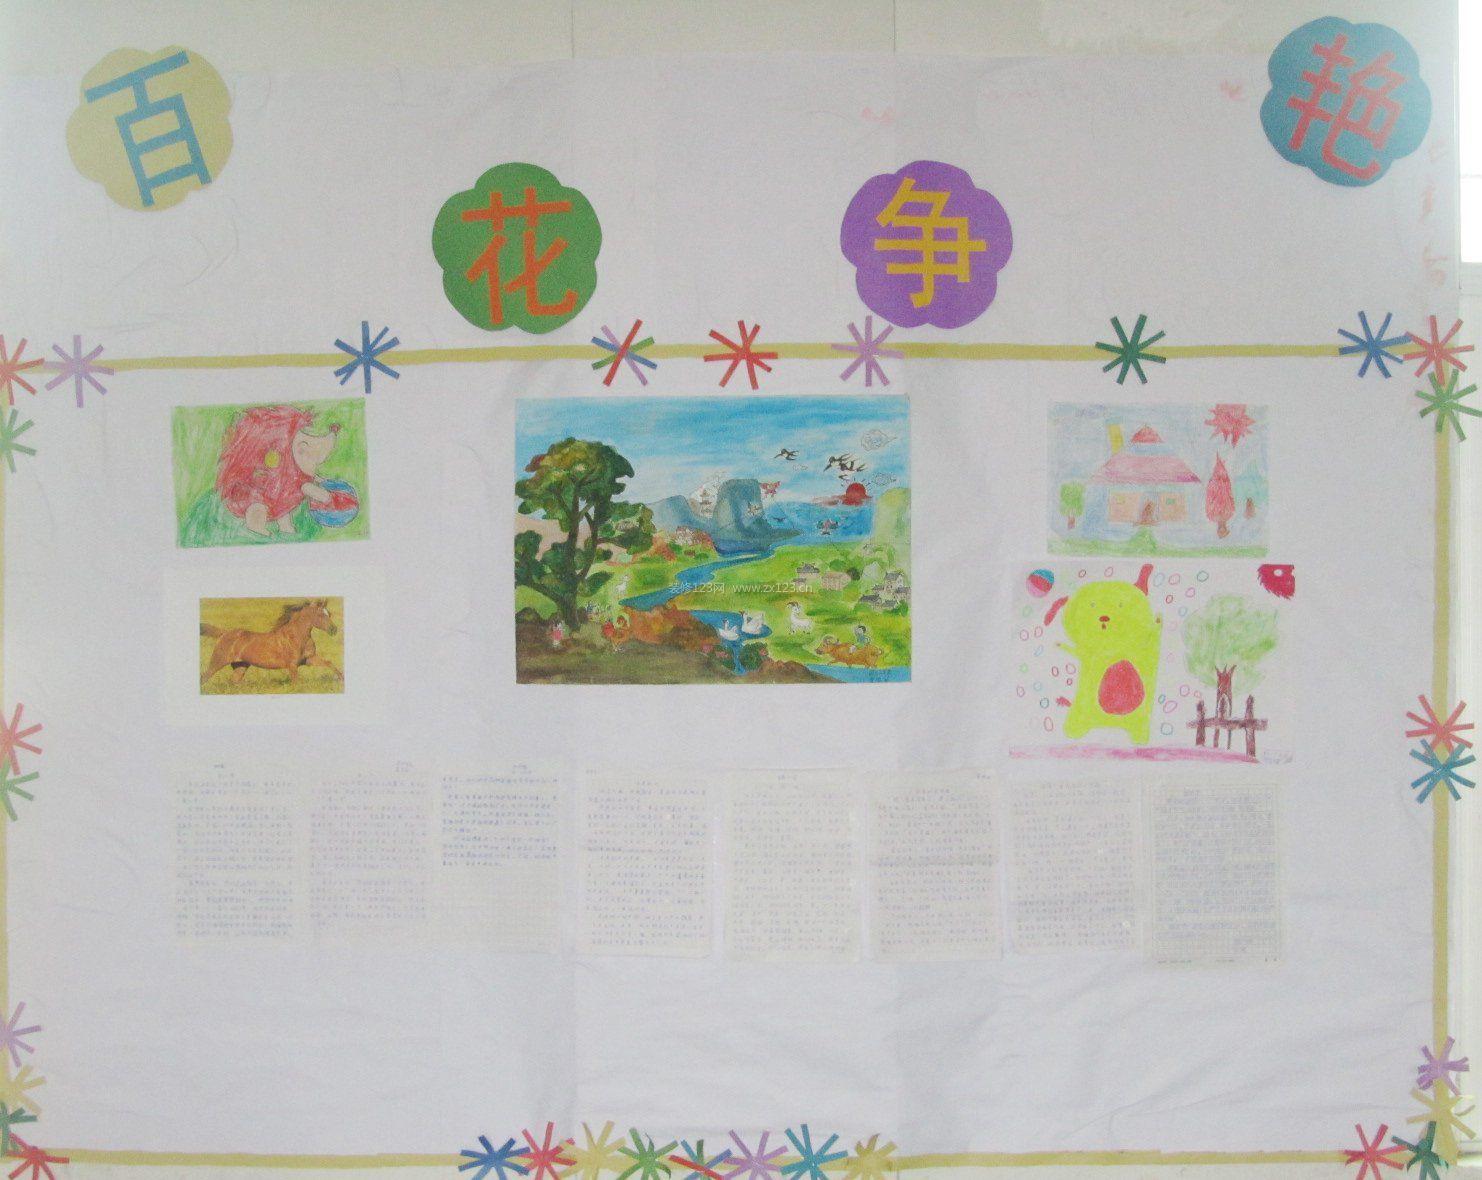 小学一文化年级小学墙布置教室图片祥云丽江图片